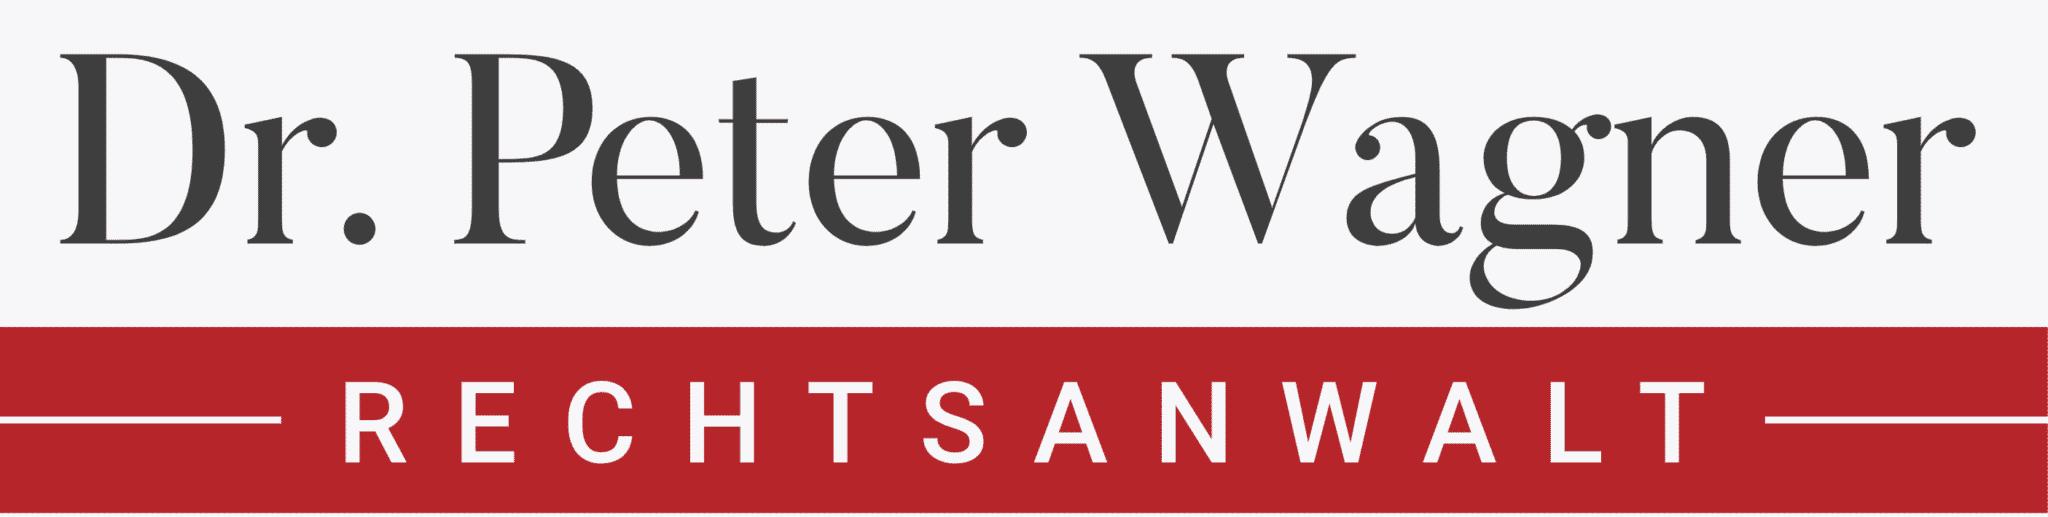 Rechtsanwalt Dr. Peter Wagner Familienrecht Logo